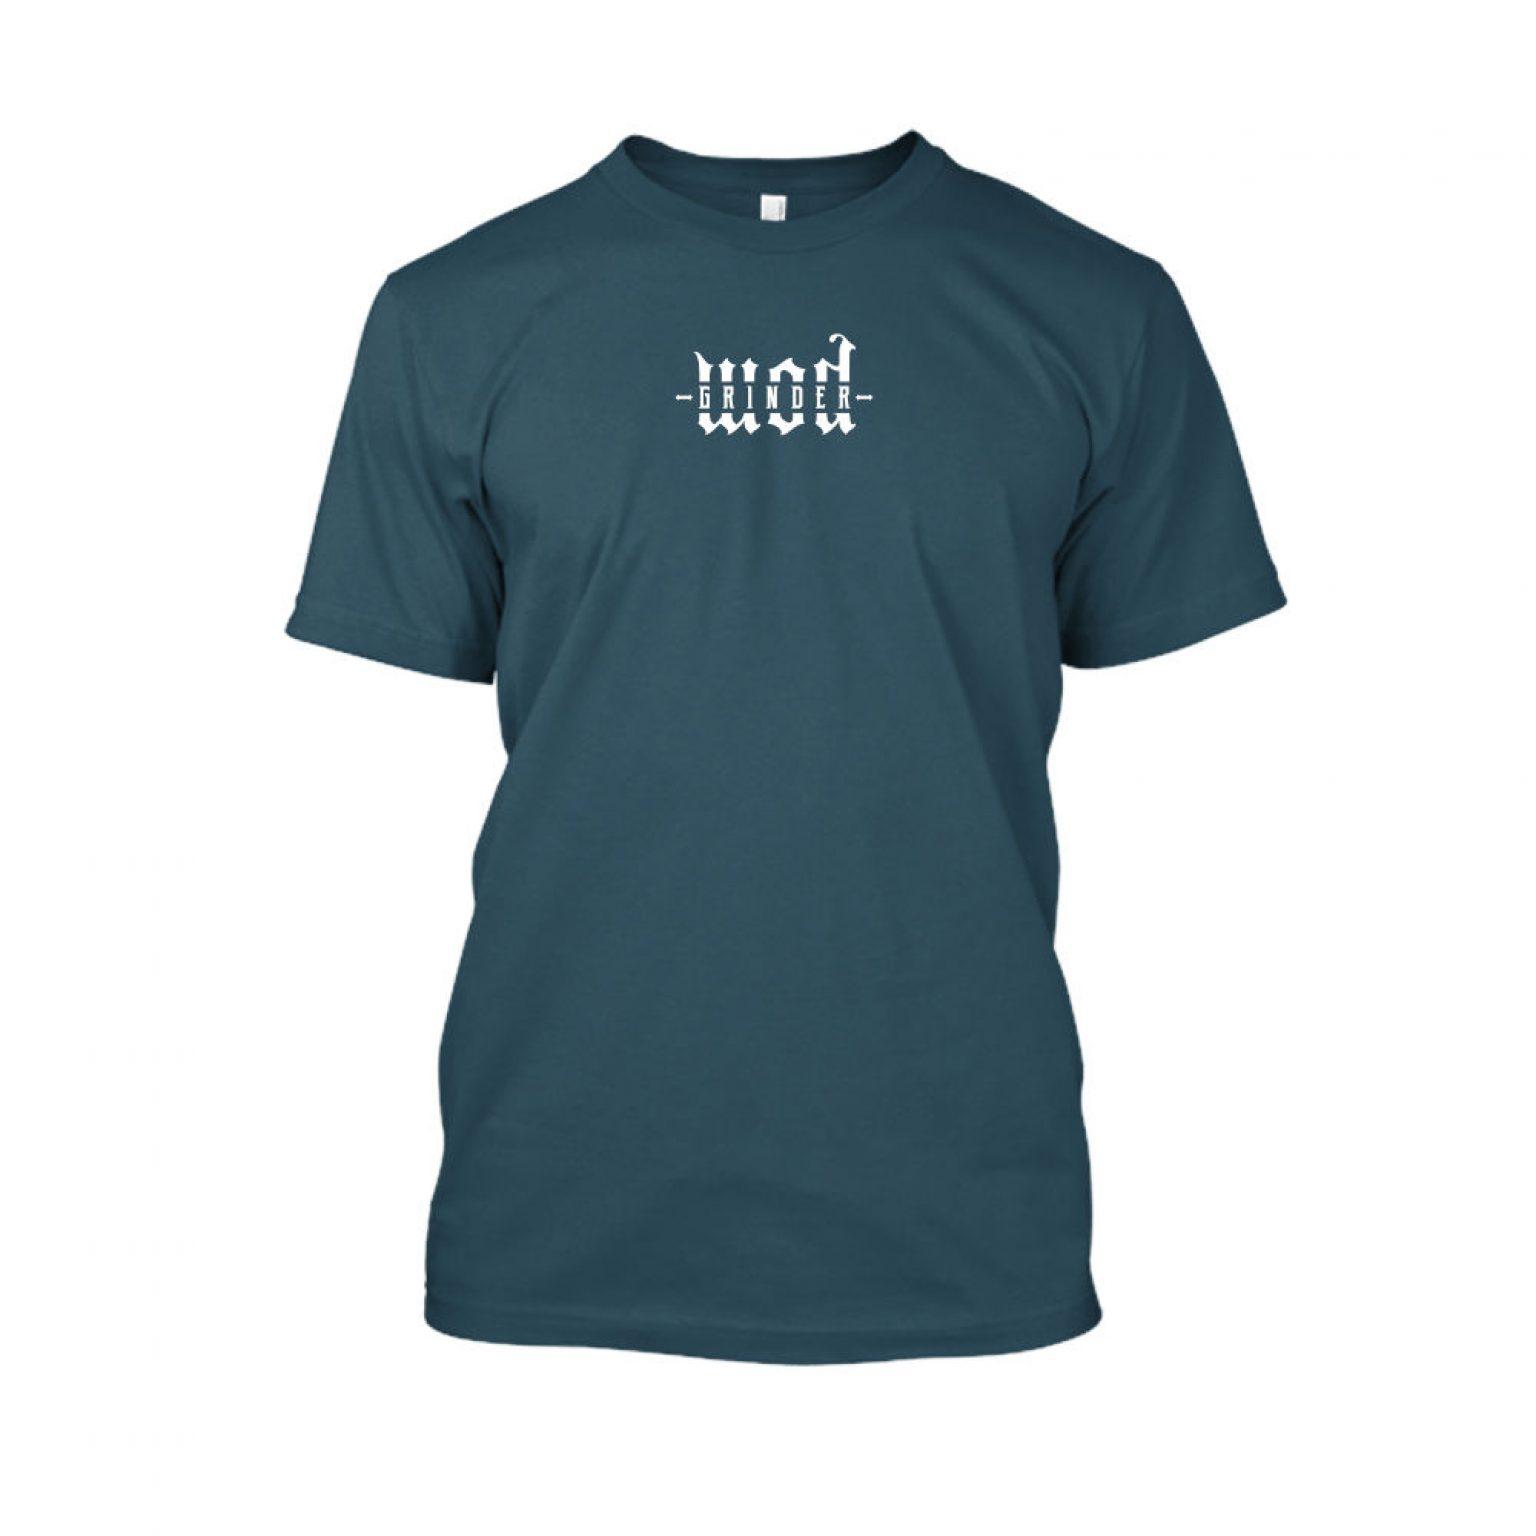 WODgrind herren shirt navy